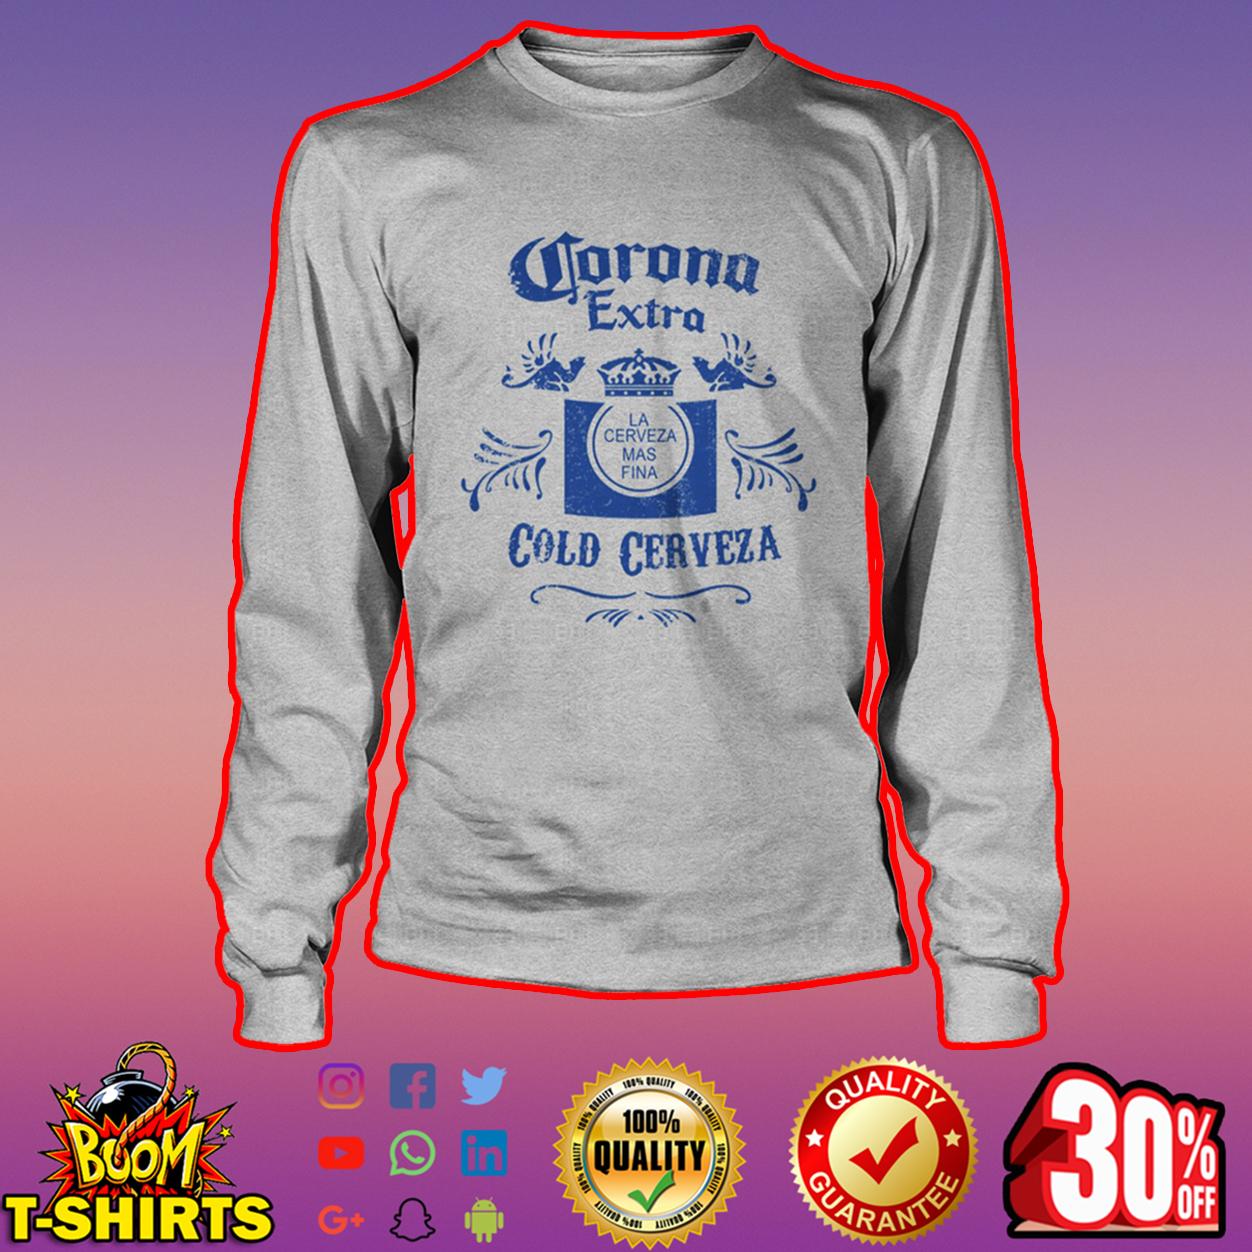 Corona Extra Cold Cerveza long sleeve tee